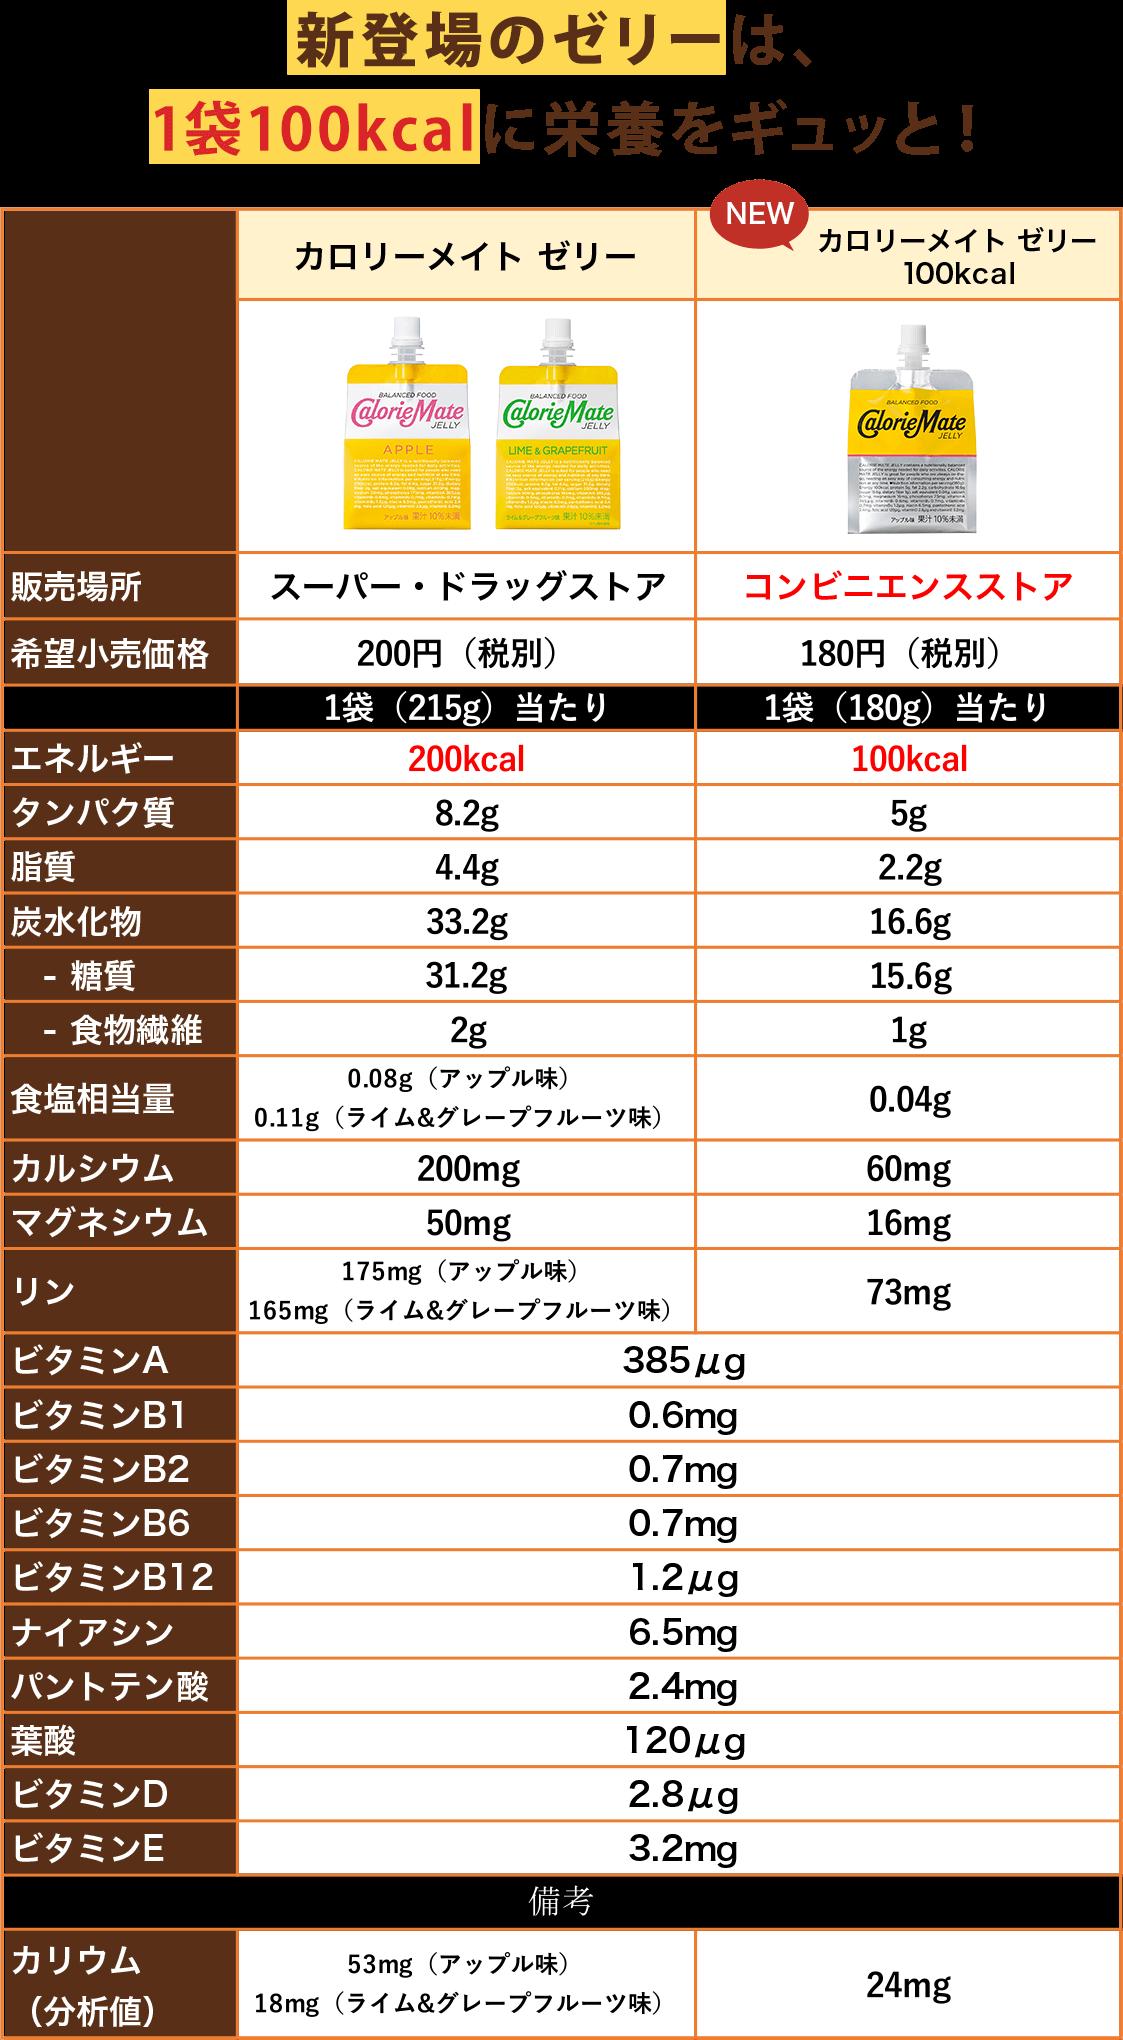 新登場のコンビニ限定販売は、ビタミンはそのままに1袋100kcalでみずみずしくすっきりとした味わい!